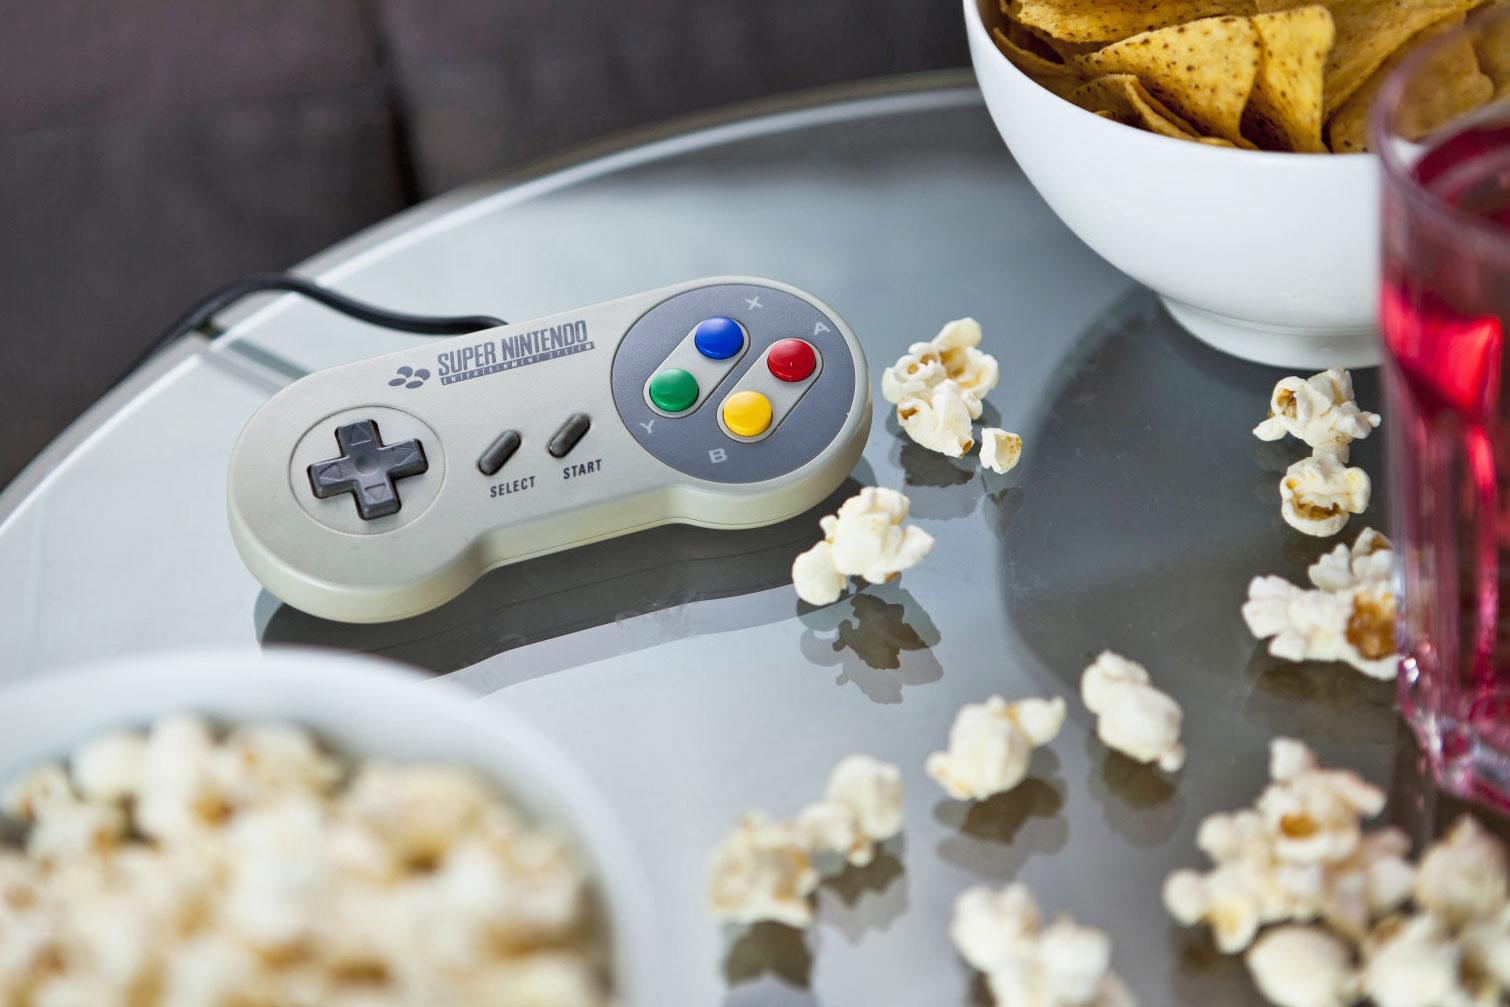 Continúa la fiebre de los retro games con el lanzamiento de la Super Nintendo Classic Edition